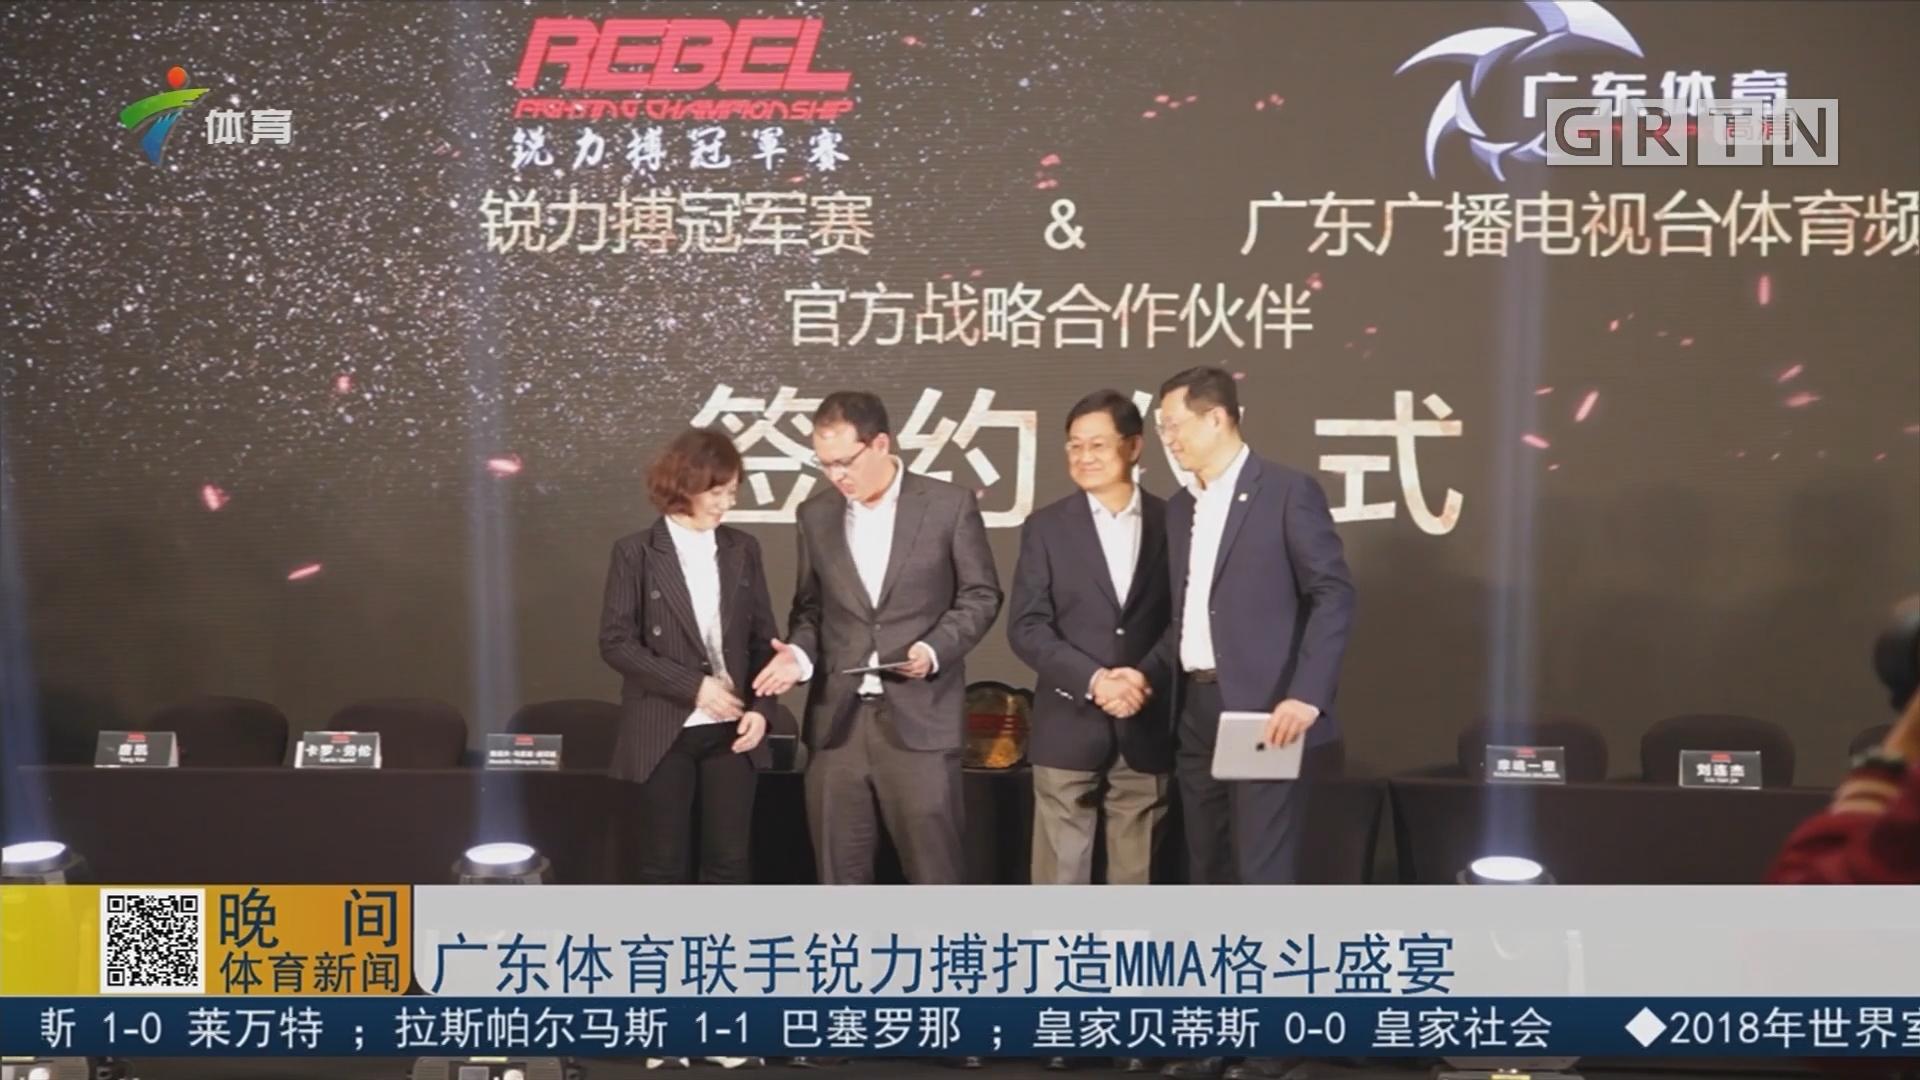 广东体育联手锐力博打造MMA格斗盛宴